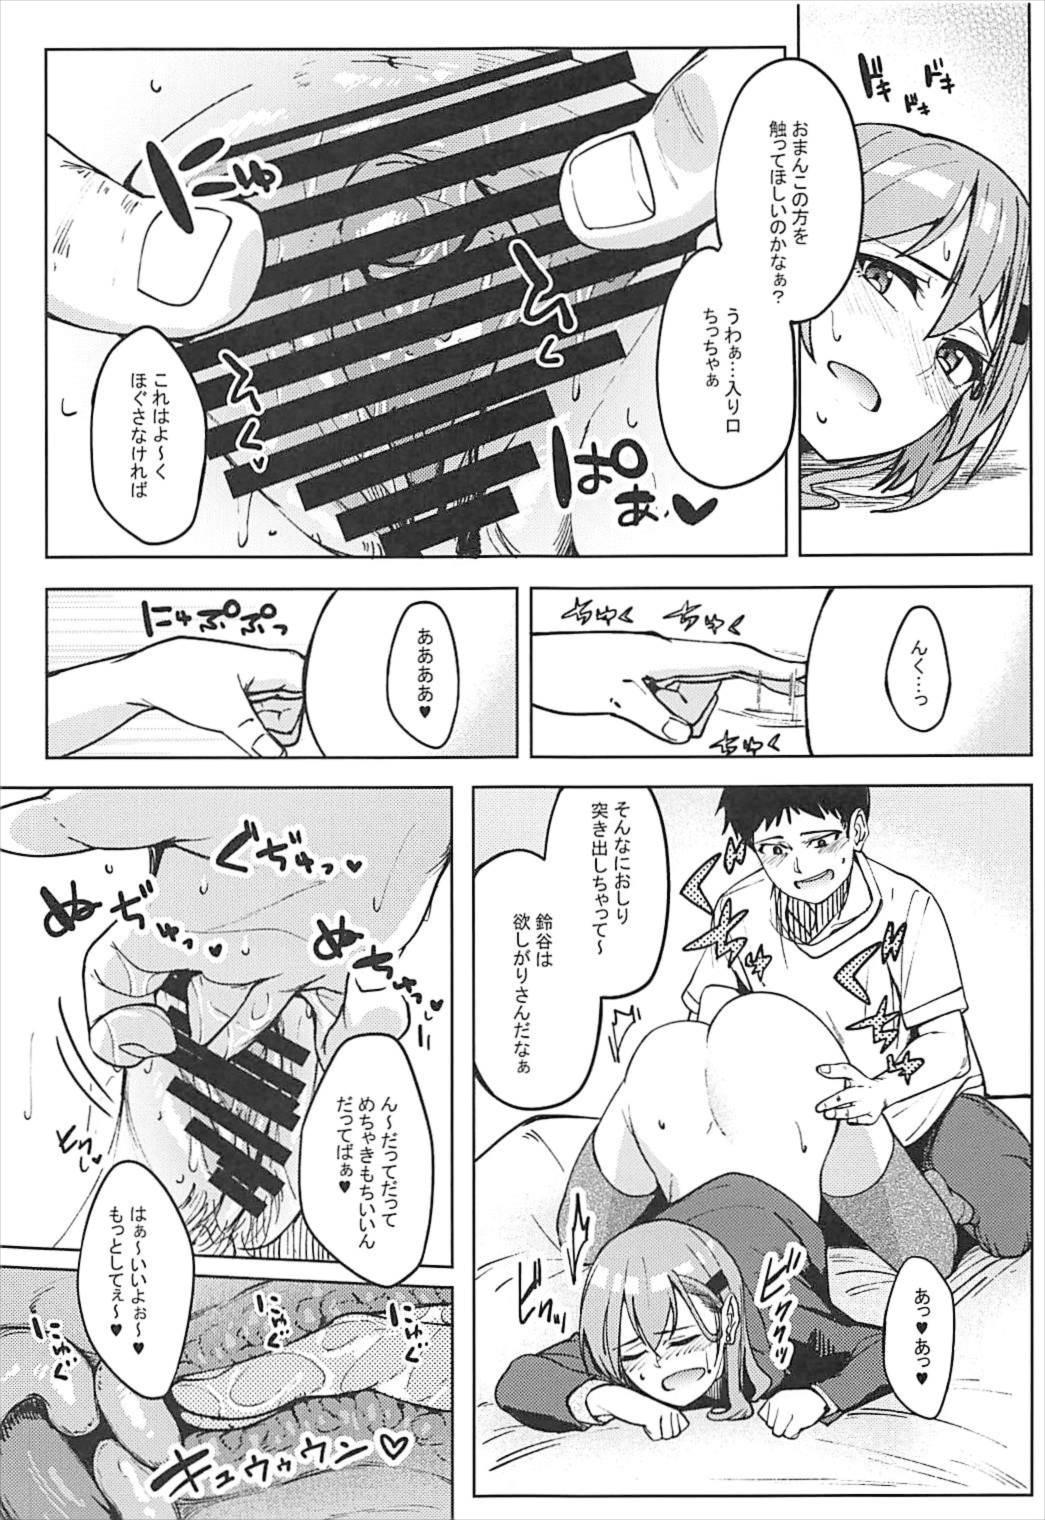 ごめっ鈴谷出るっ!提督のザーメンが口内射精され鈴谷に注ぎ込まれる・・・【艦これ エロ漫画・エロ同人】 (8)